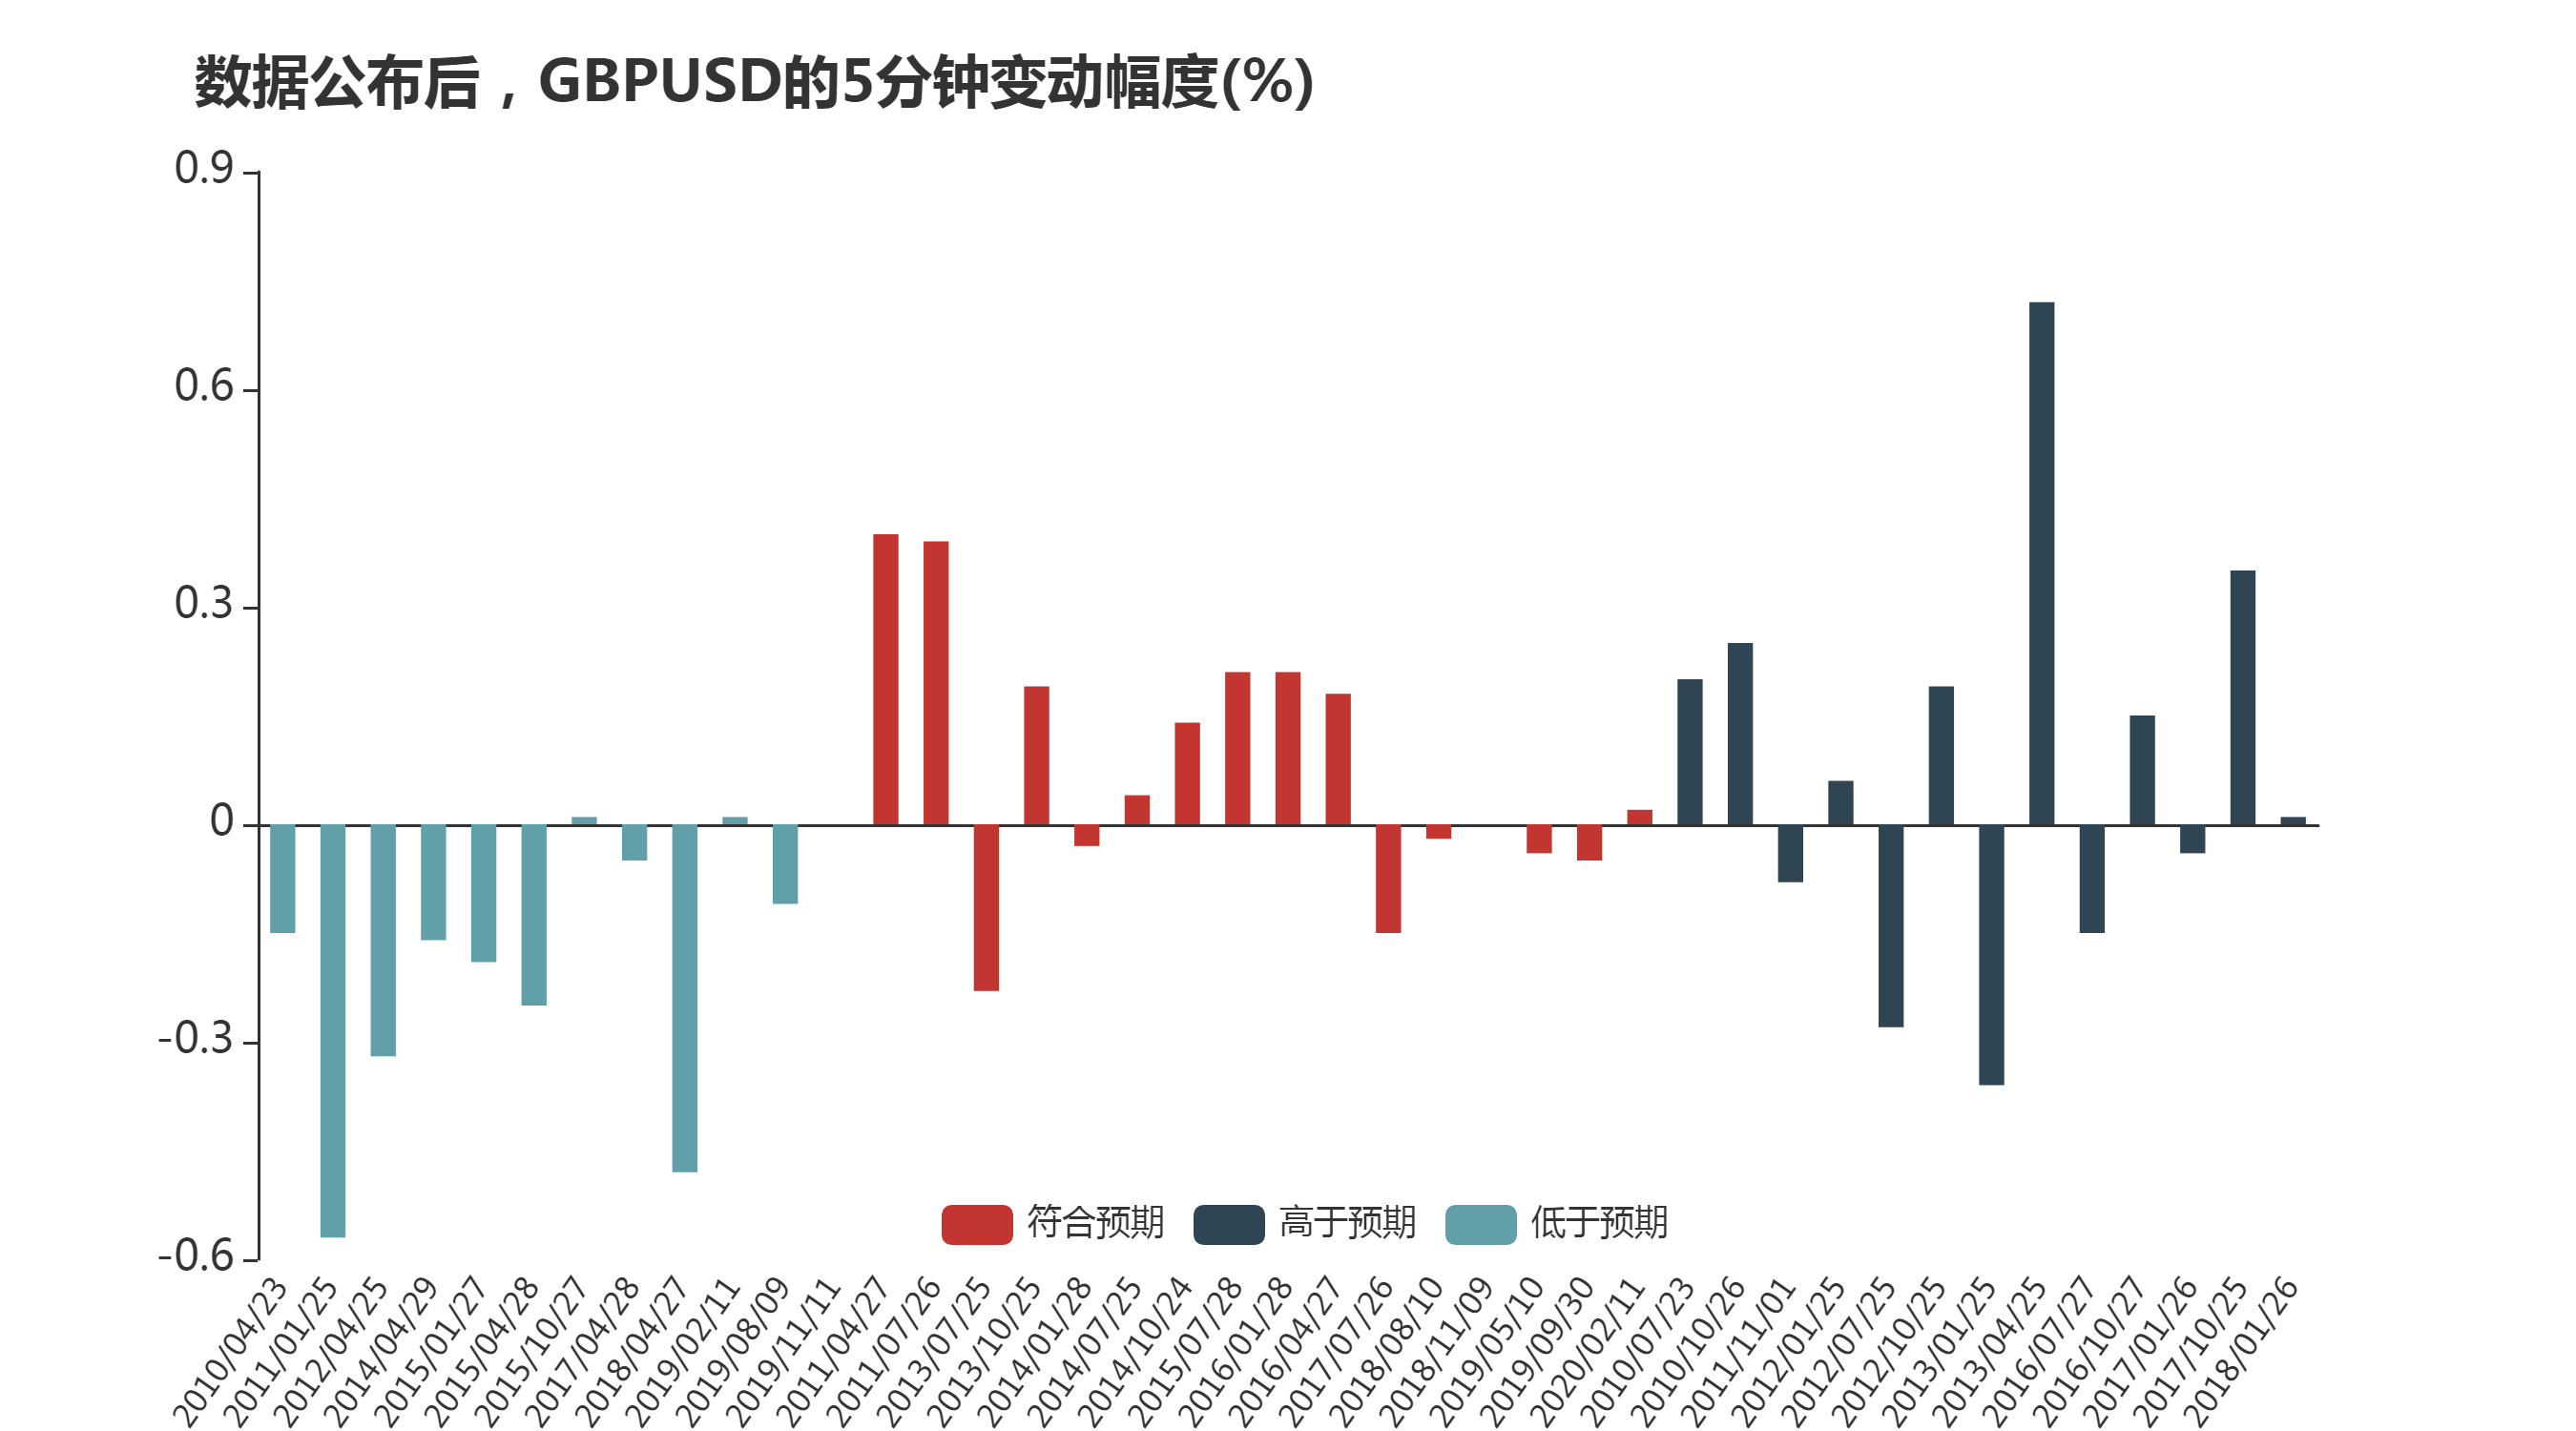 英国即将公布GDP数据 英镑兑美元迎来交易机会